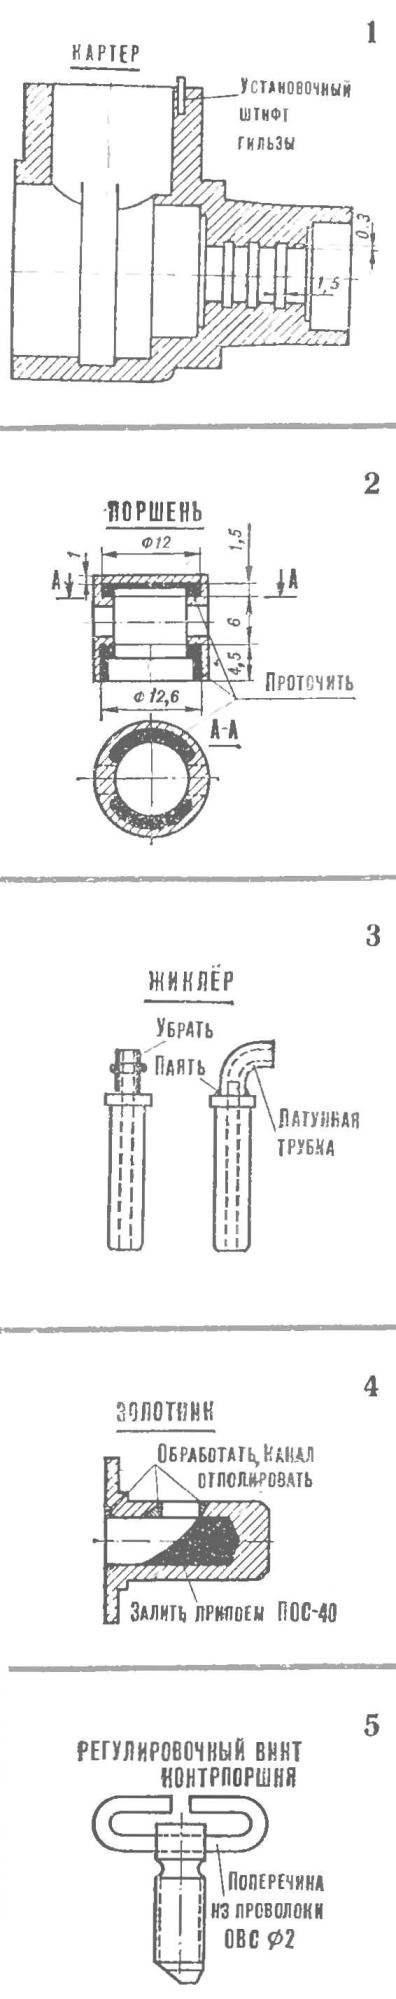 Доработка деталей двигателя